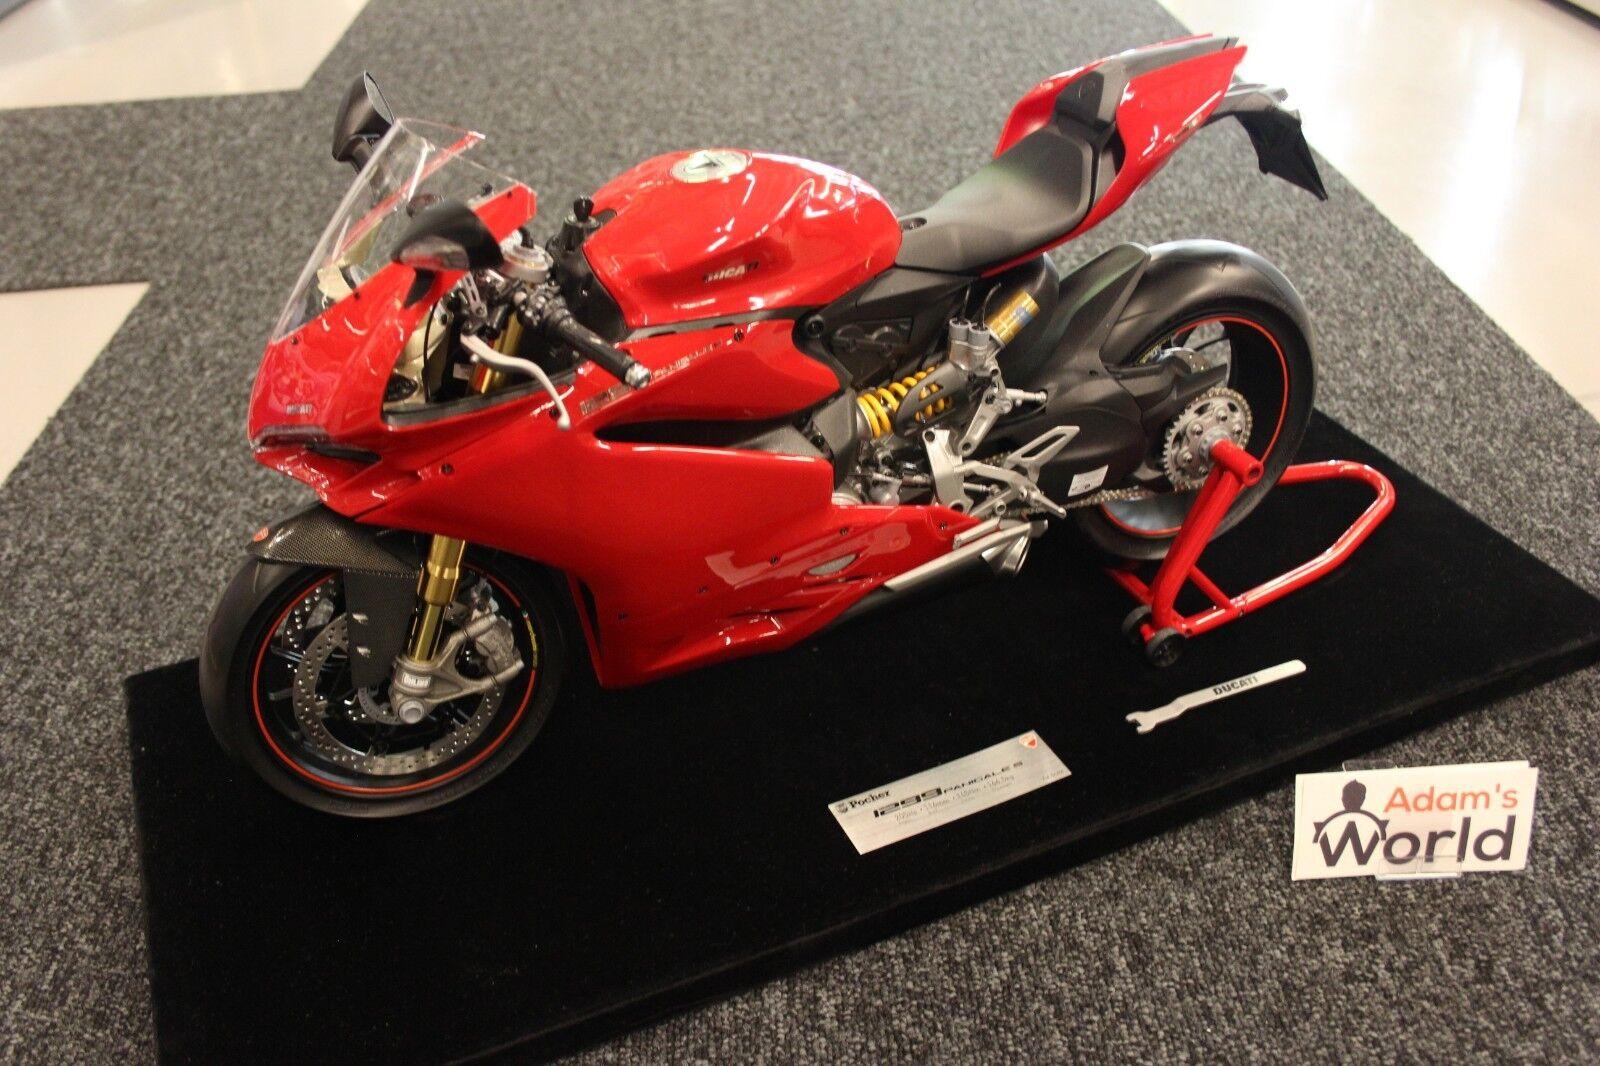 Negozio 2018 Pocher Professional built kit Ducati Panigale 1299 S 1 4 4 4 rosso + original mostrarecase  centro commerciale di moda